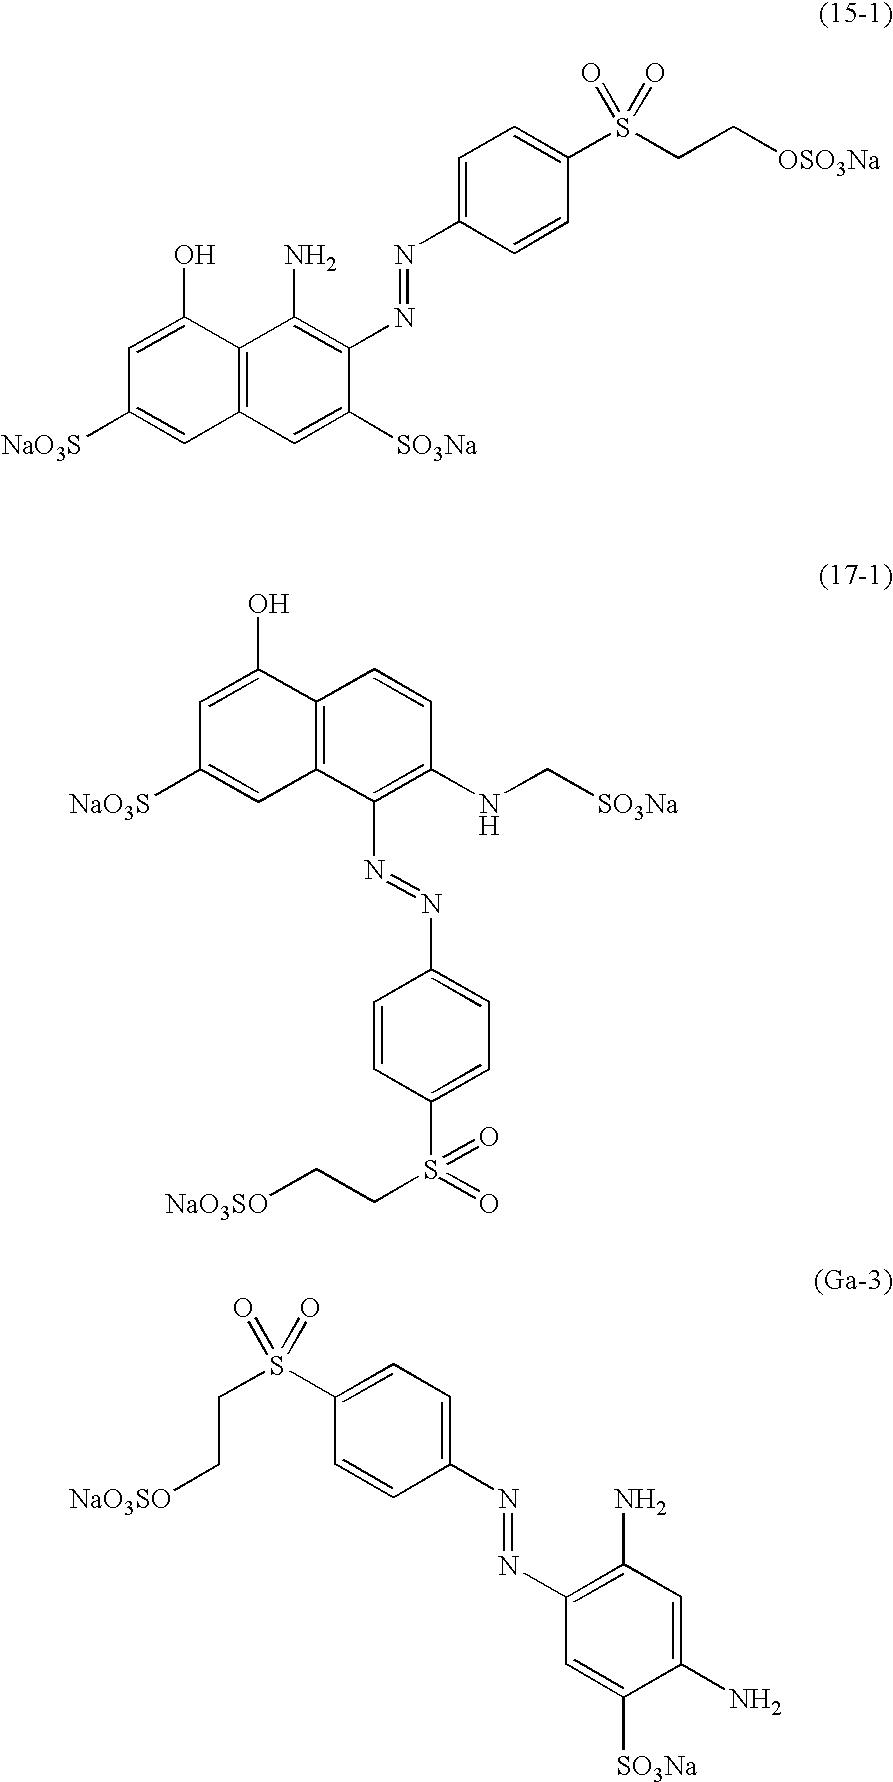 Figure US07708786-20100504-C00157